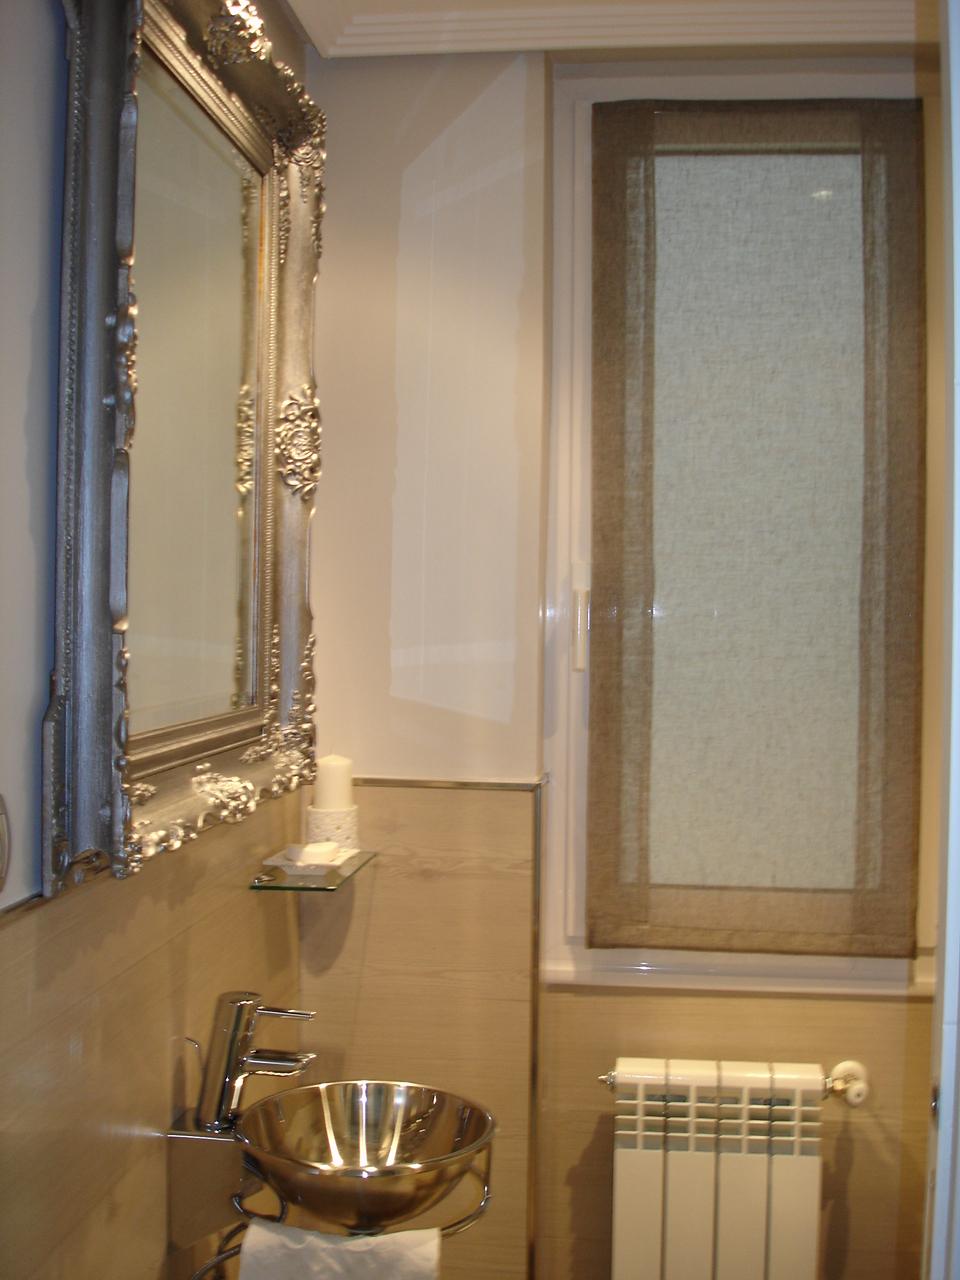 Casas De Decoracion La Plata ~ del aseo de la casa  El lavabo de acero contrasta con el espejo plata